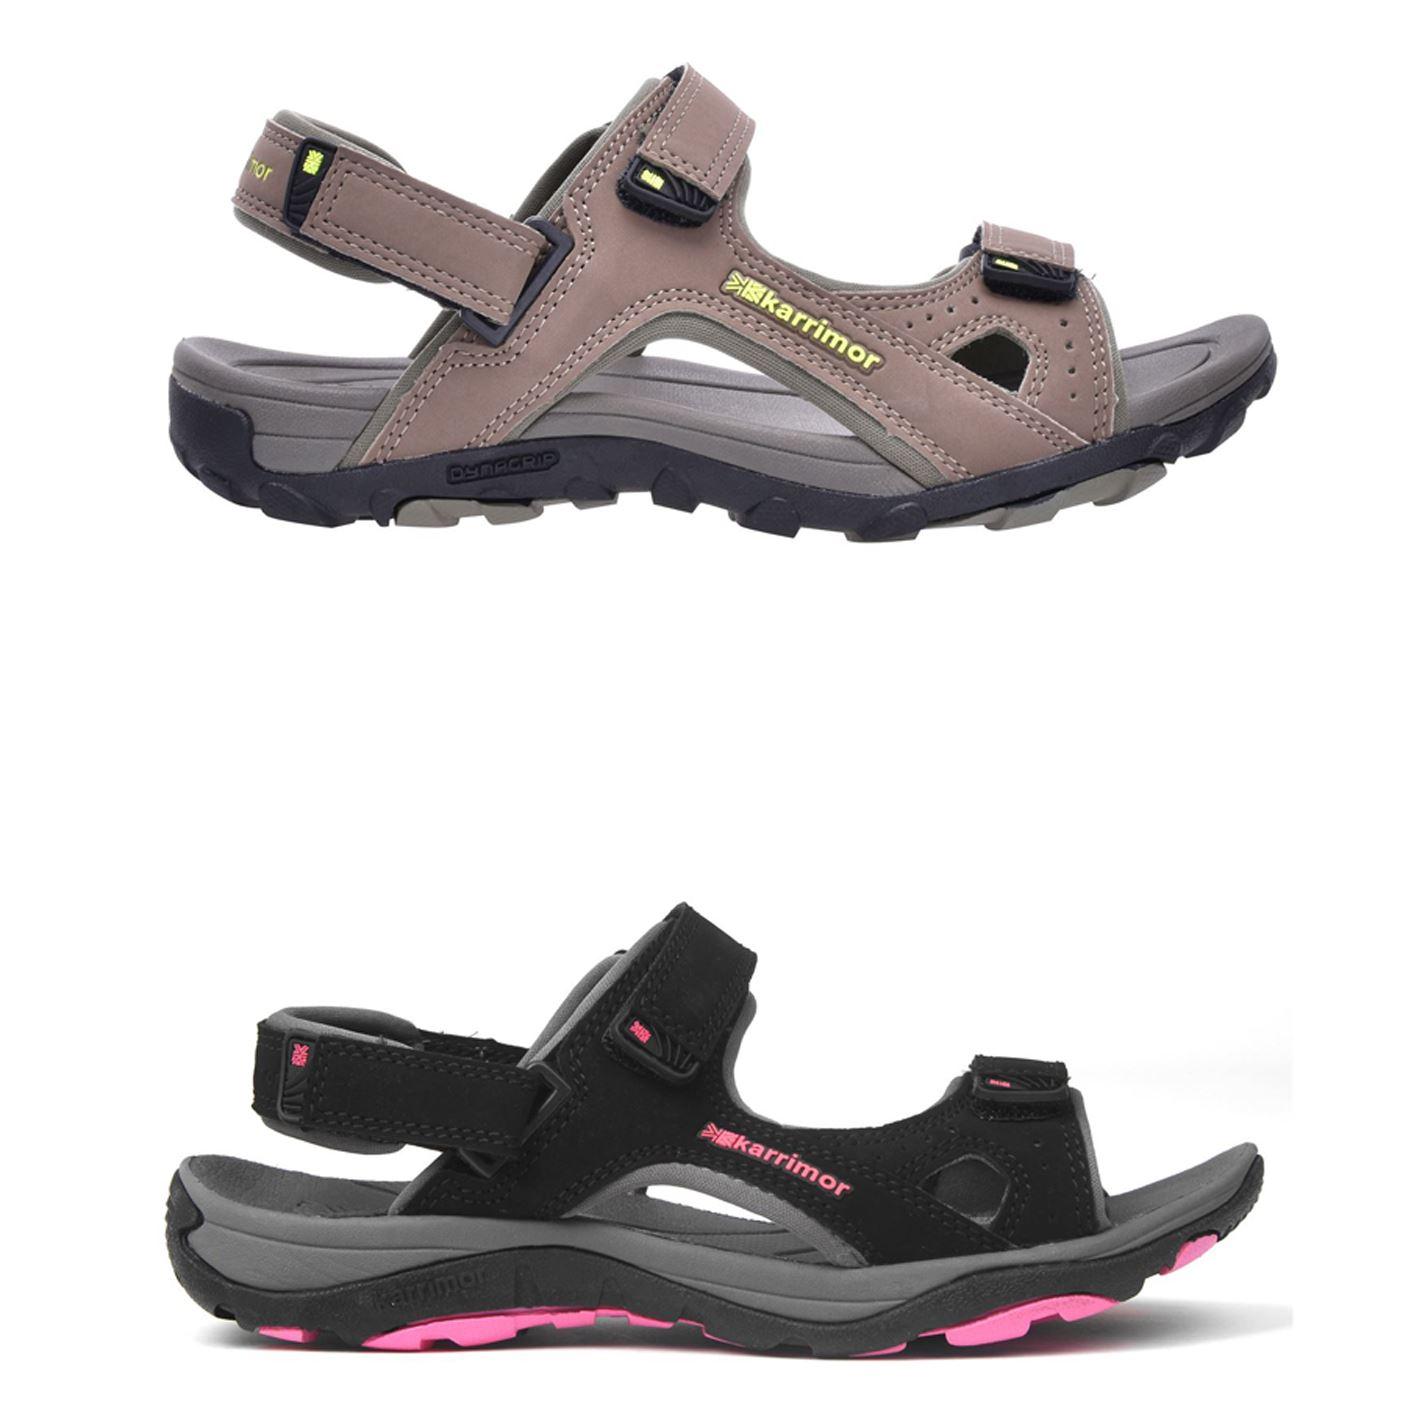 Karrimor Antibes Ladies Sandals Outdoor